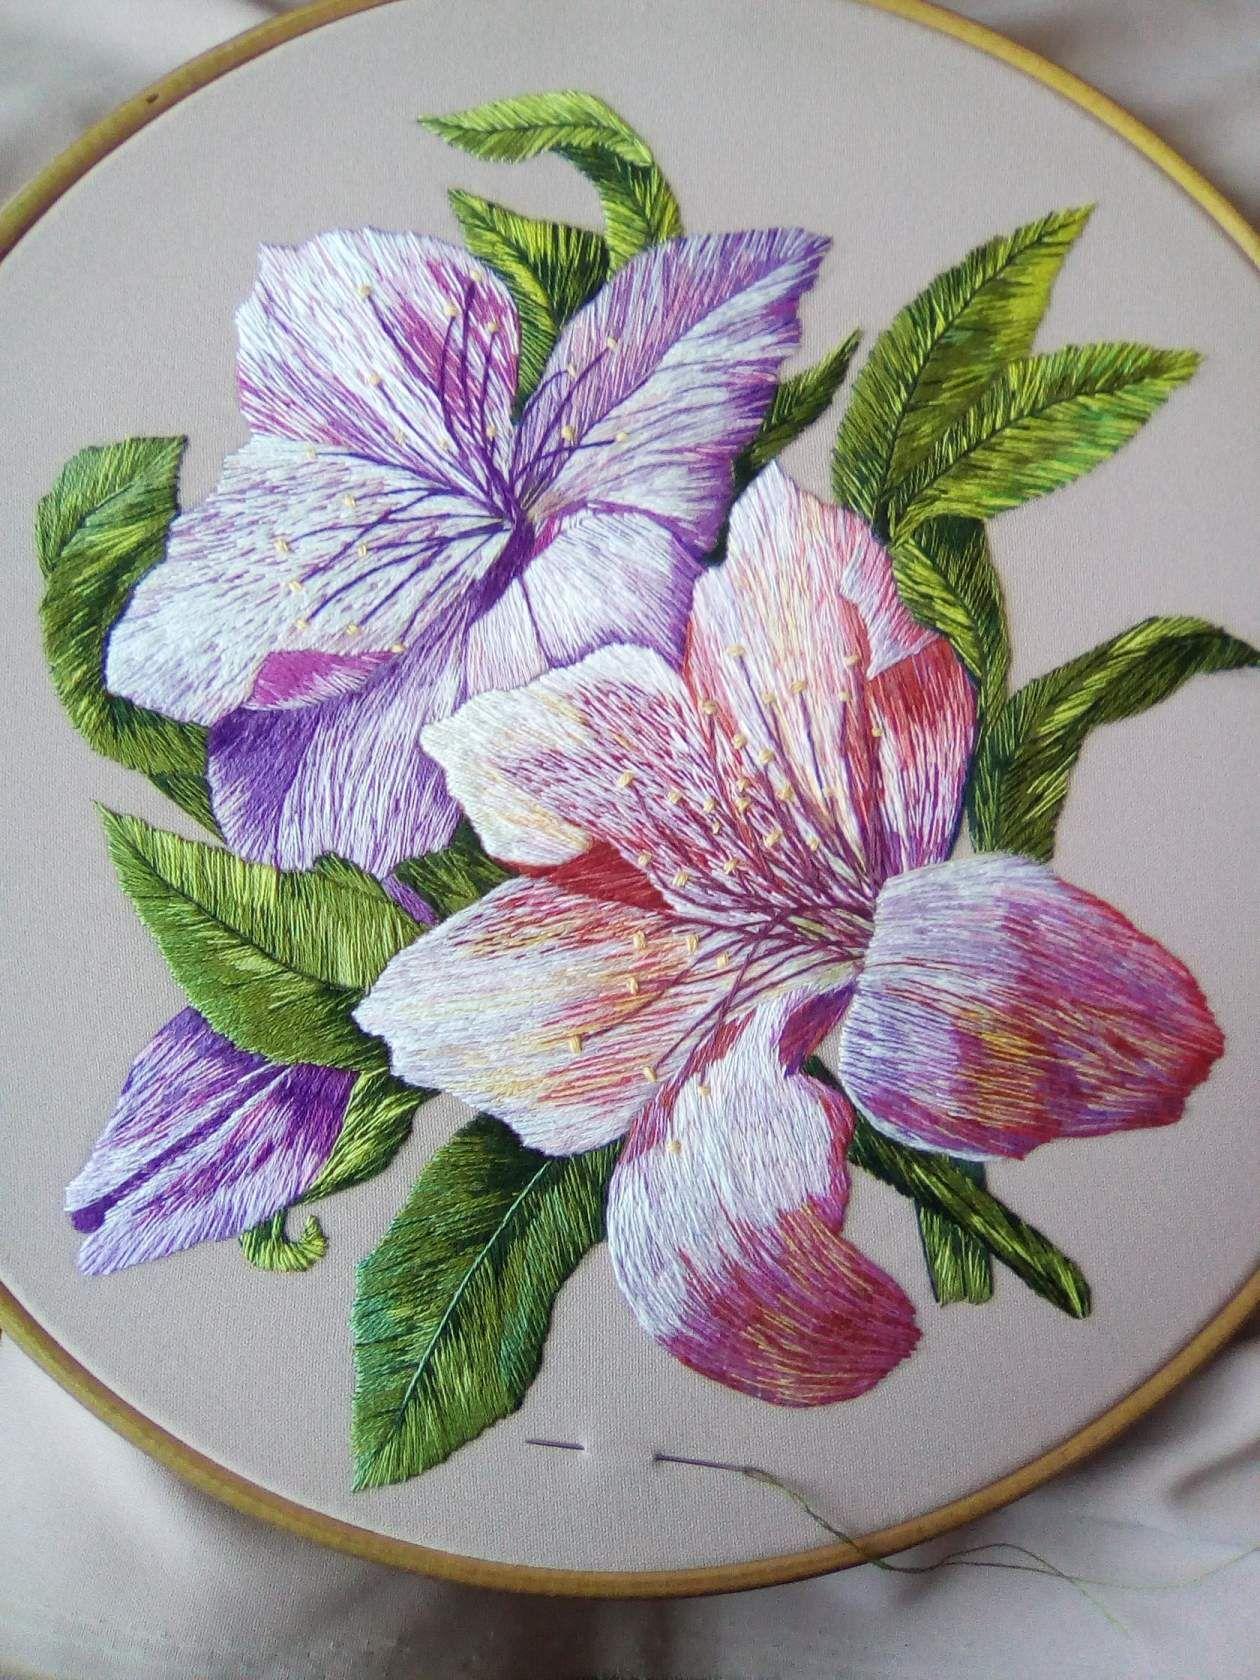 Pin de Maite Miño en embrodeiry & textil | Pinterest | Bordado ...